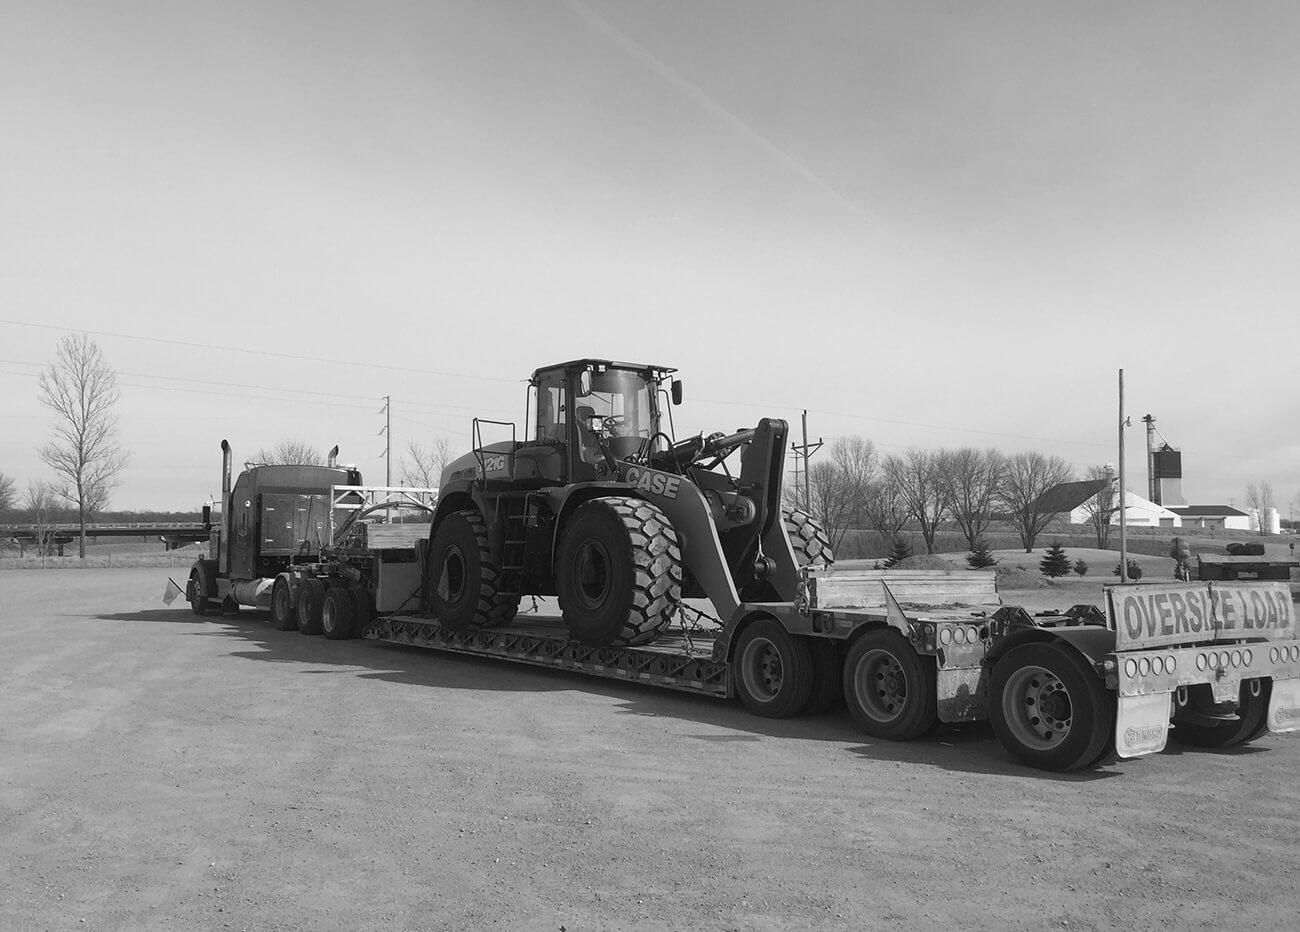 Oversize load | Step deck | Low pro trailer | Road transport